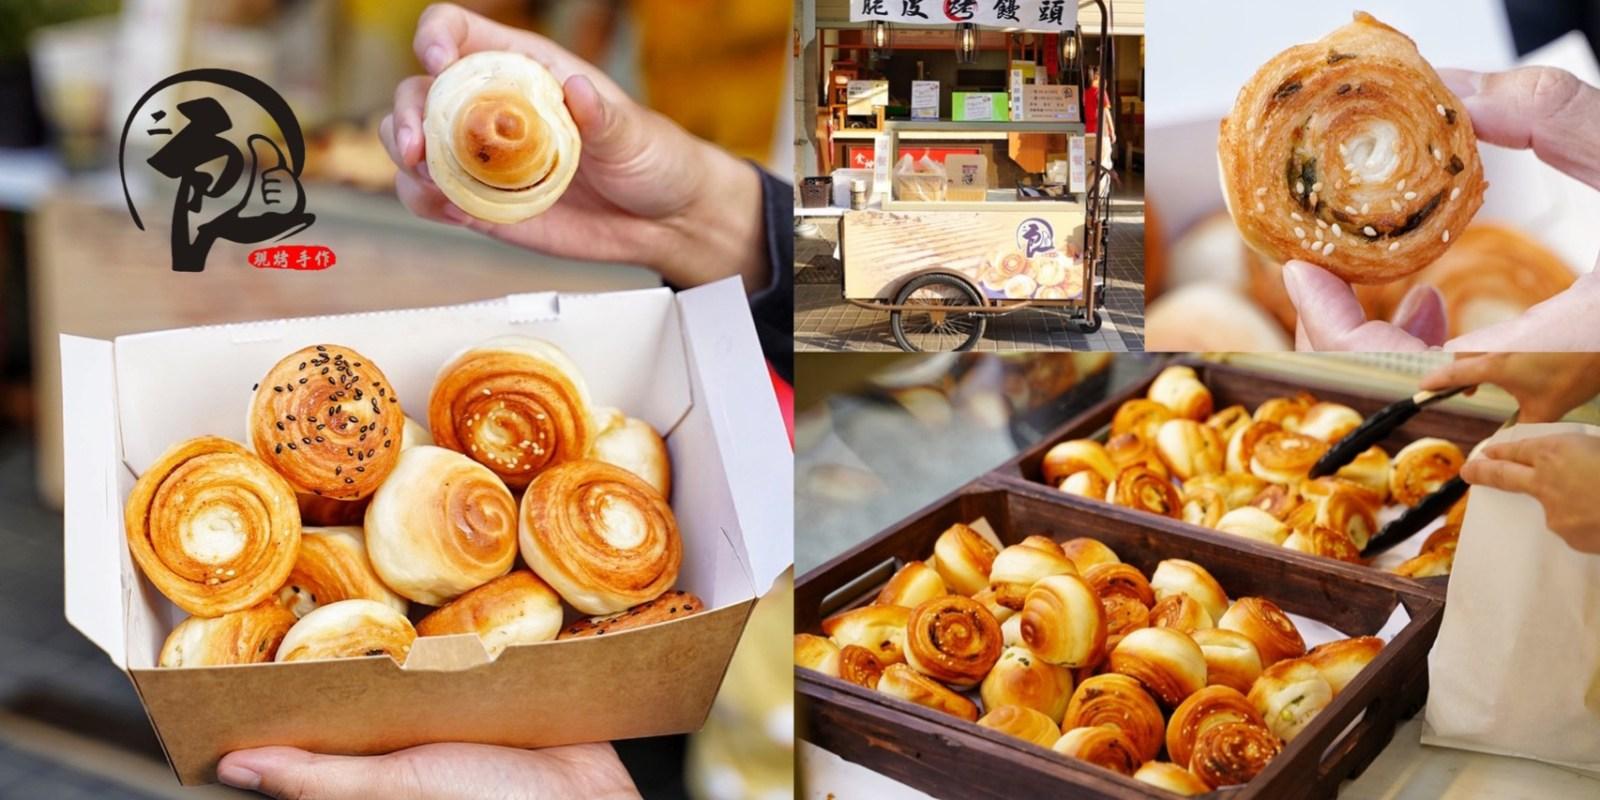 秒殺烤饅頭!就在嘉興路上新開幕的『二良脆皮烤饅頭』,採用手擀麵團且現烤出爐,口感香Q又帶脆,不自覺地讓你一顆接一顆,強烈建議一次買兩盒才不會後悔!